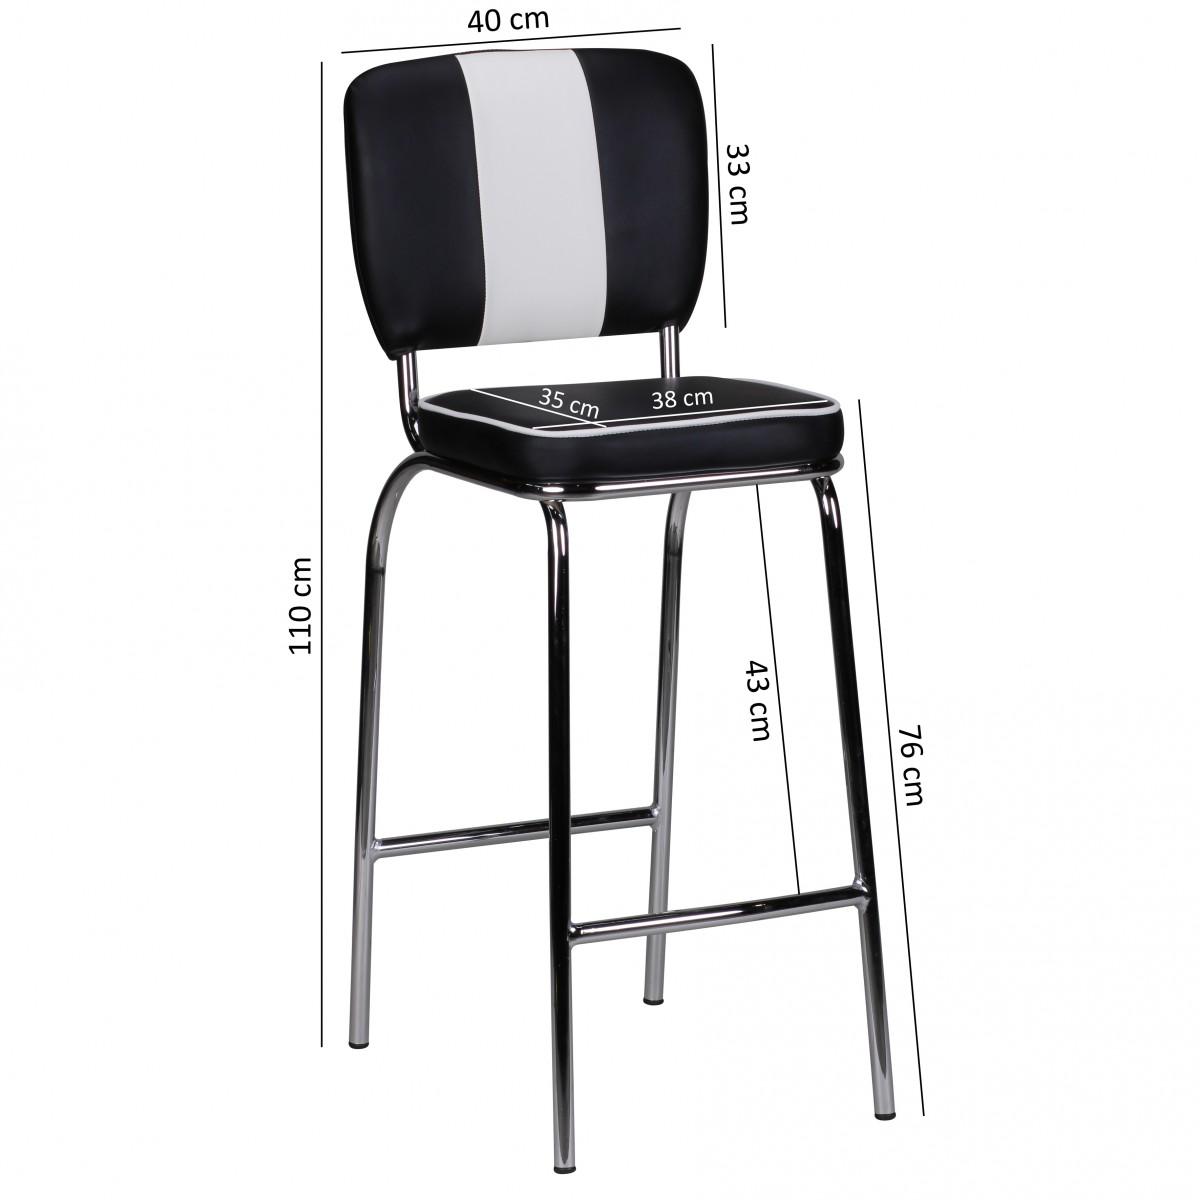 4x design barstuhl american diner 50er retro schwarz wei. Black Bedroom Furniture Sets. Home Design Ideas